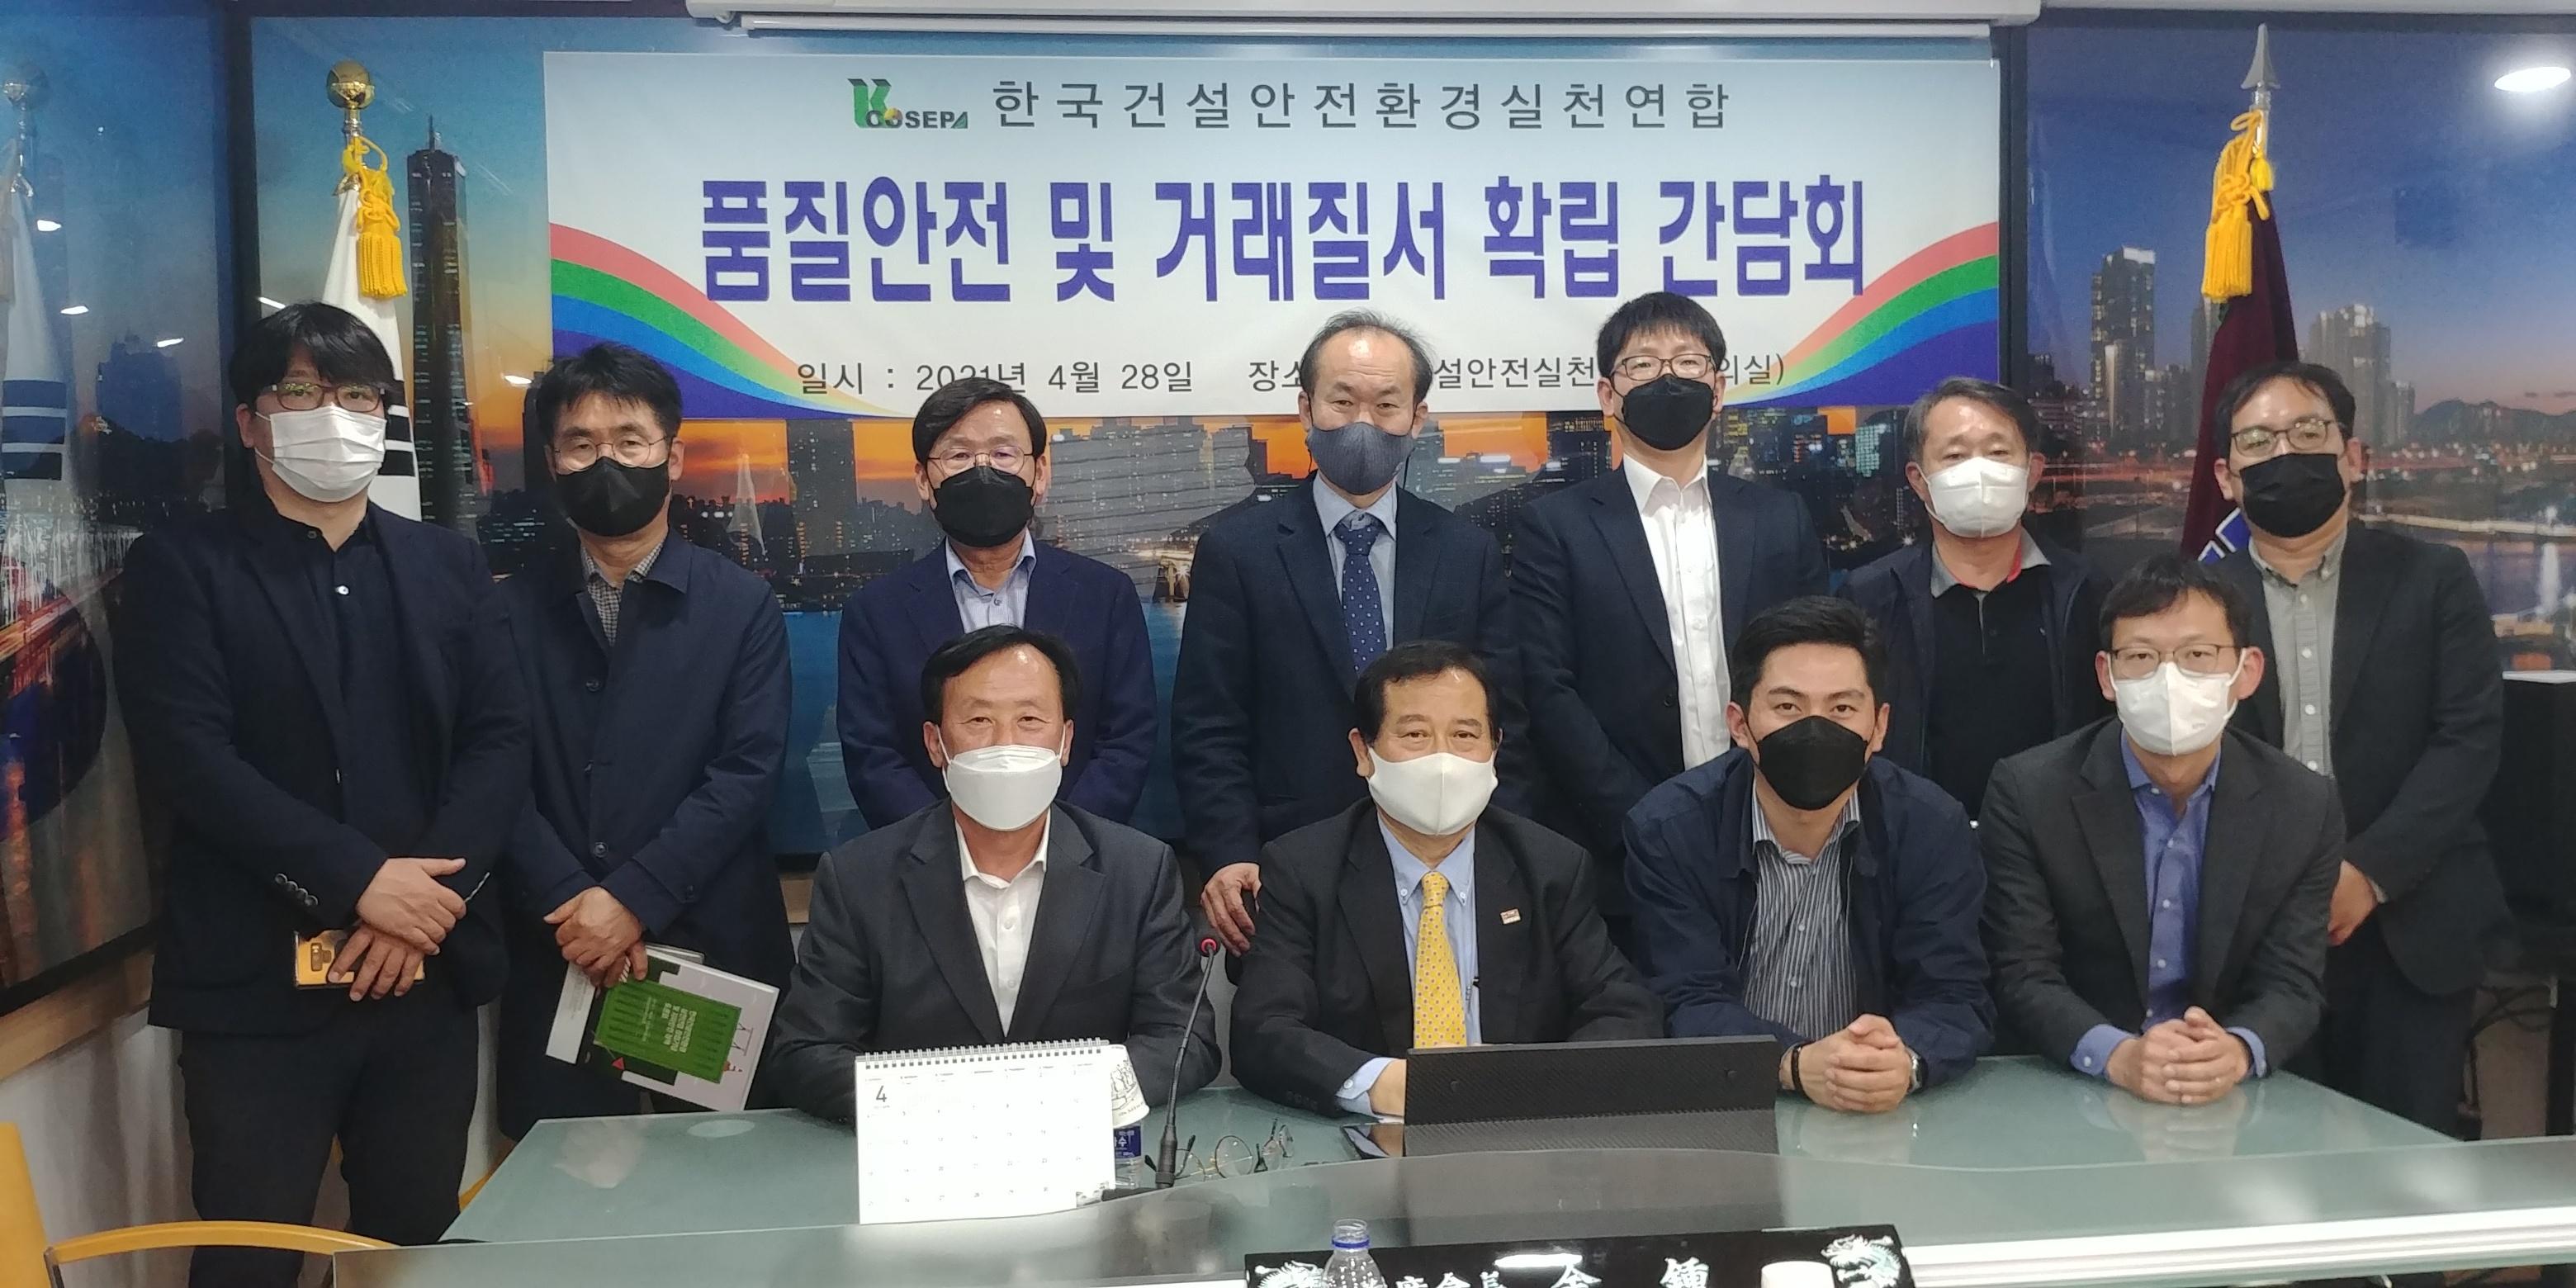 '건실련', 품질안전 및 거래질서  확립 간담회 개최